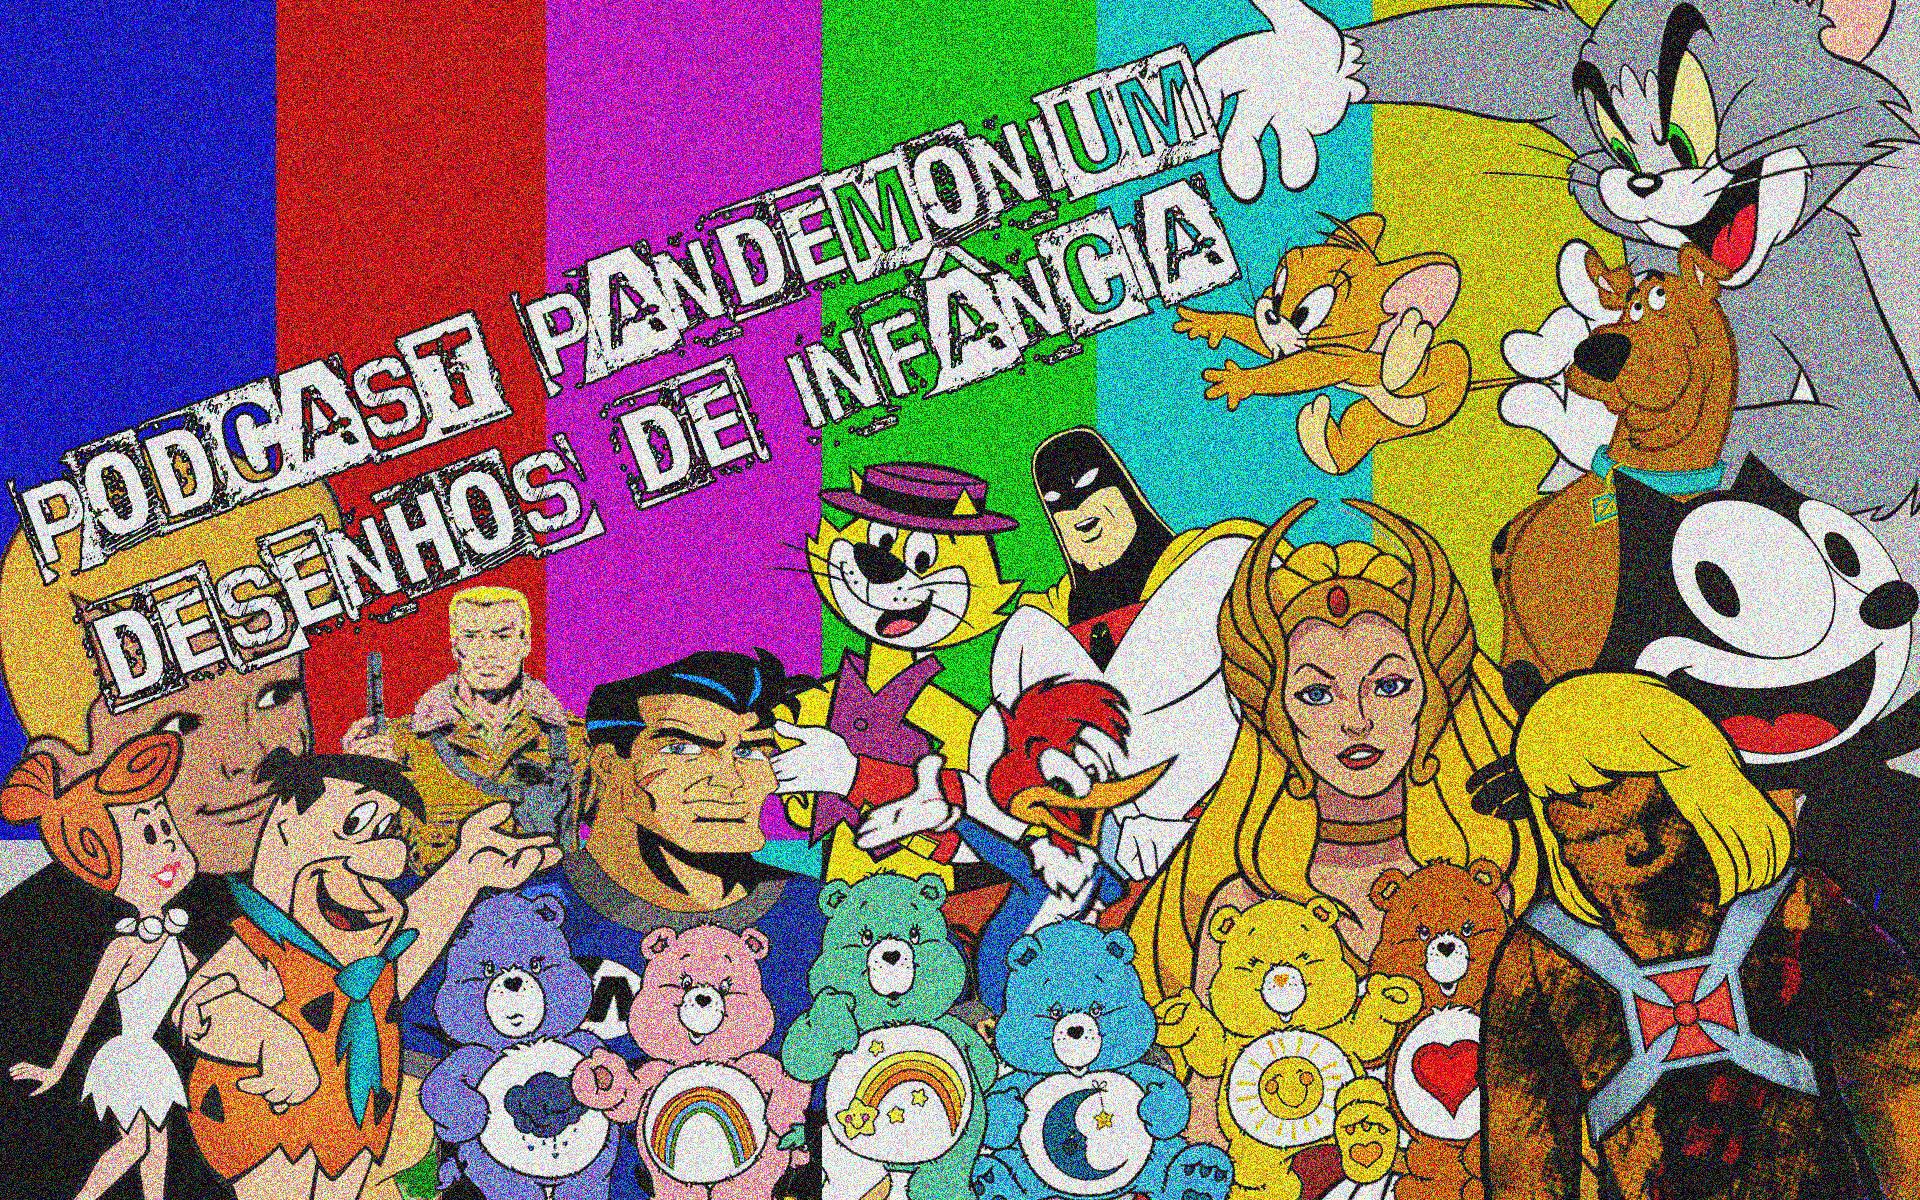 Podcast PandemoniuM – 08 Desenhos de Infância! (Parte I)